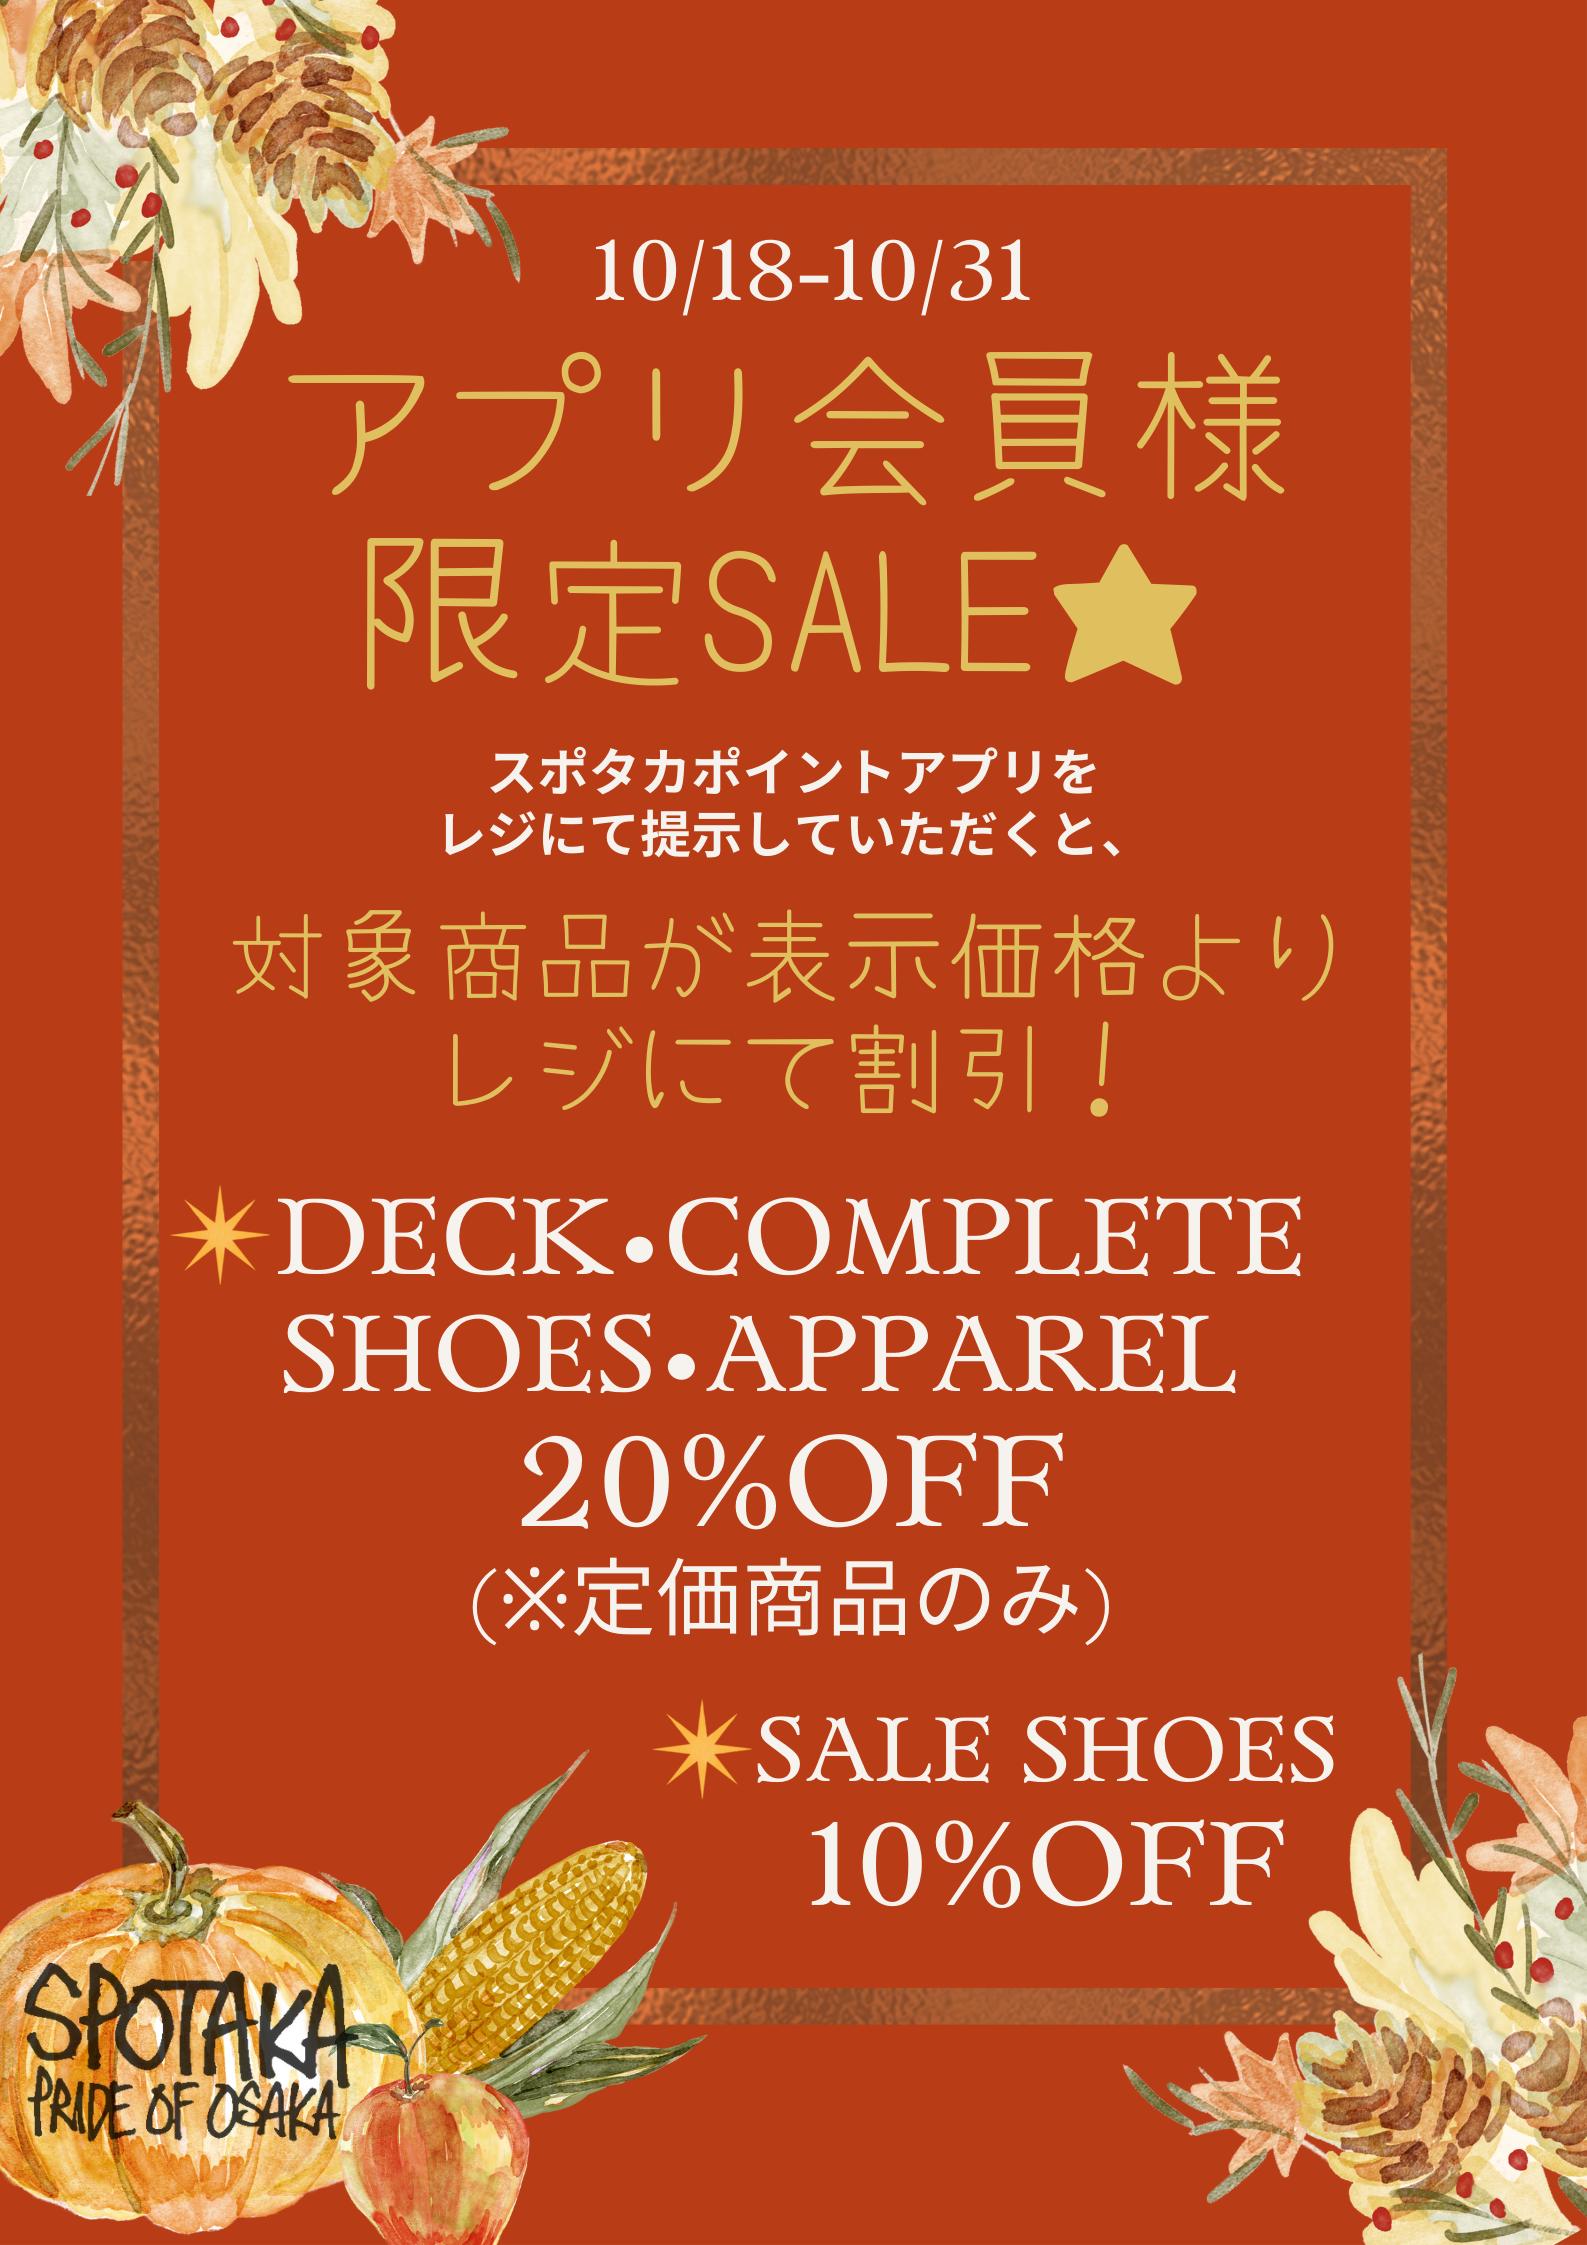 スポタカアプリ会員限定!秋の感謝祭SALE ☆(10/18−10/31)